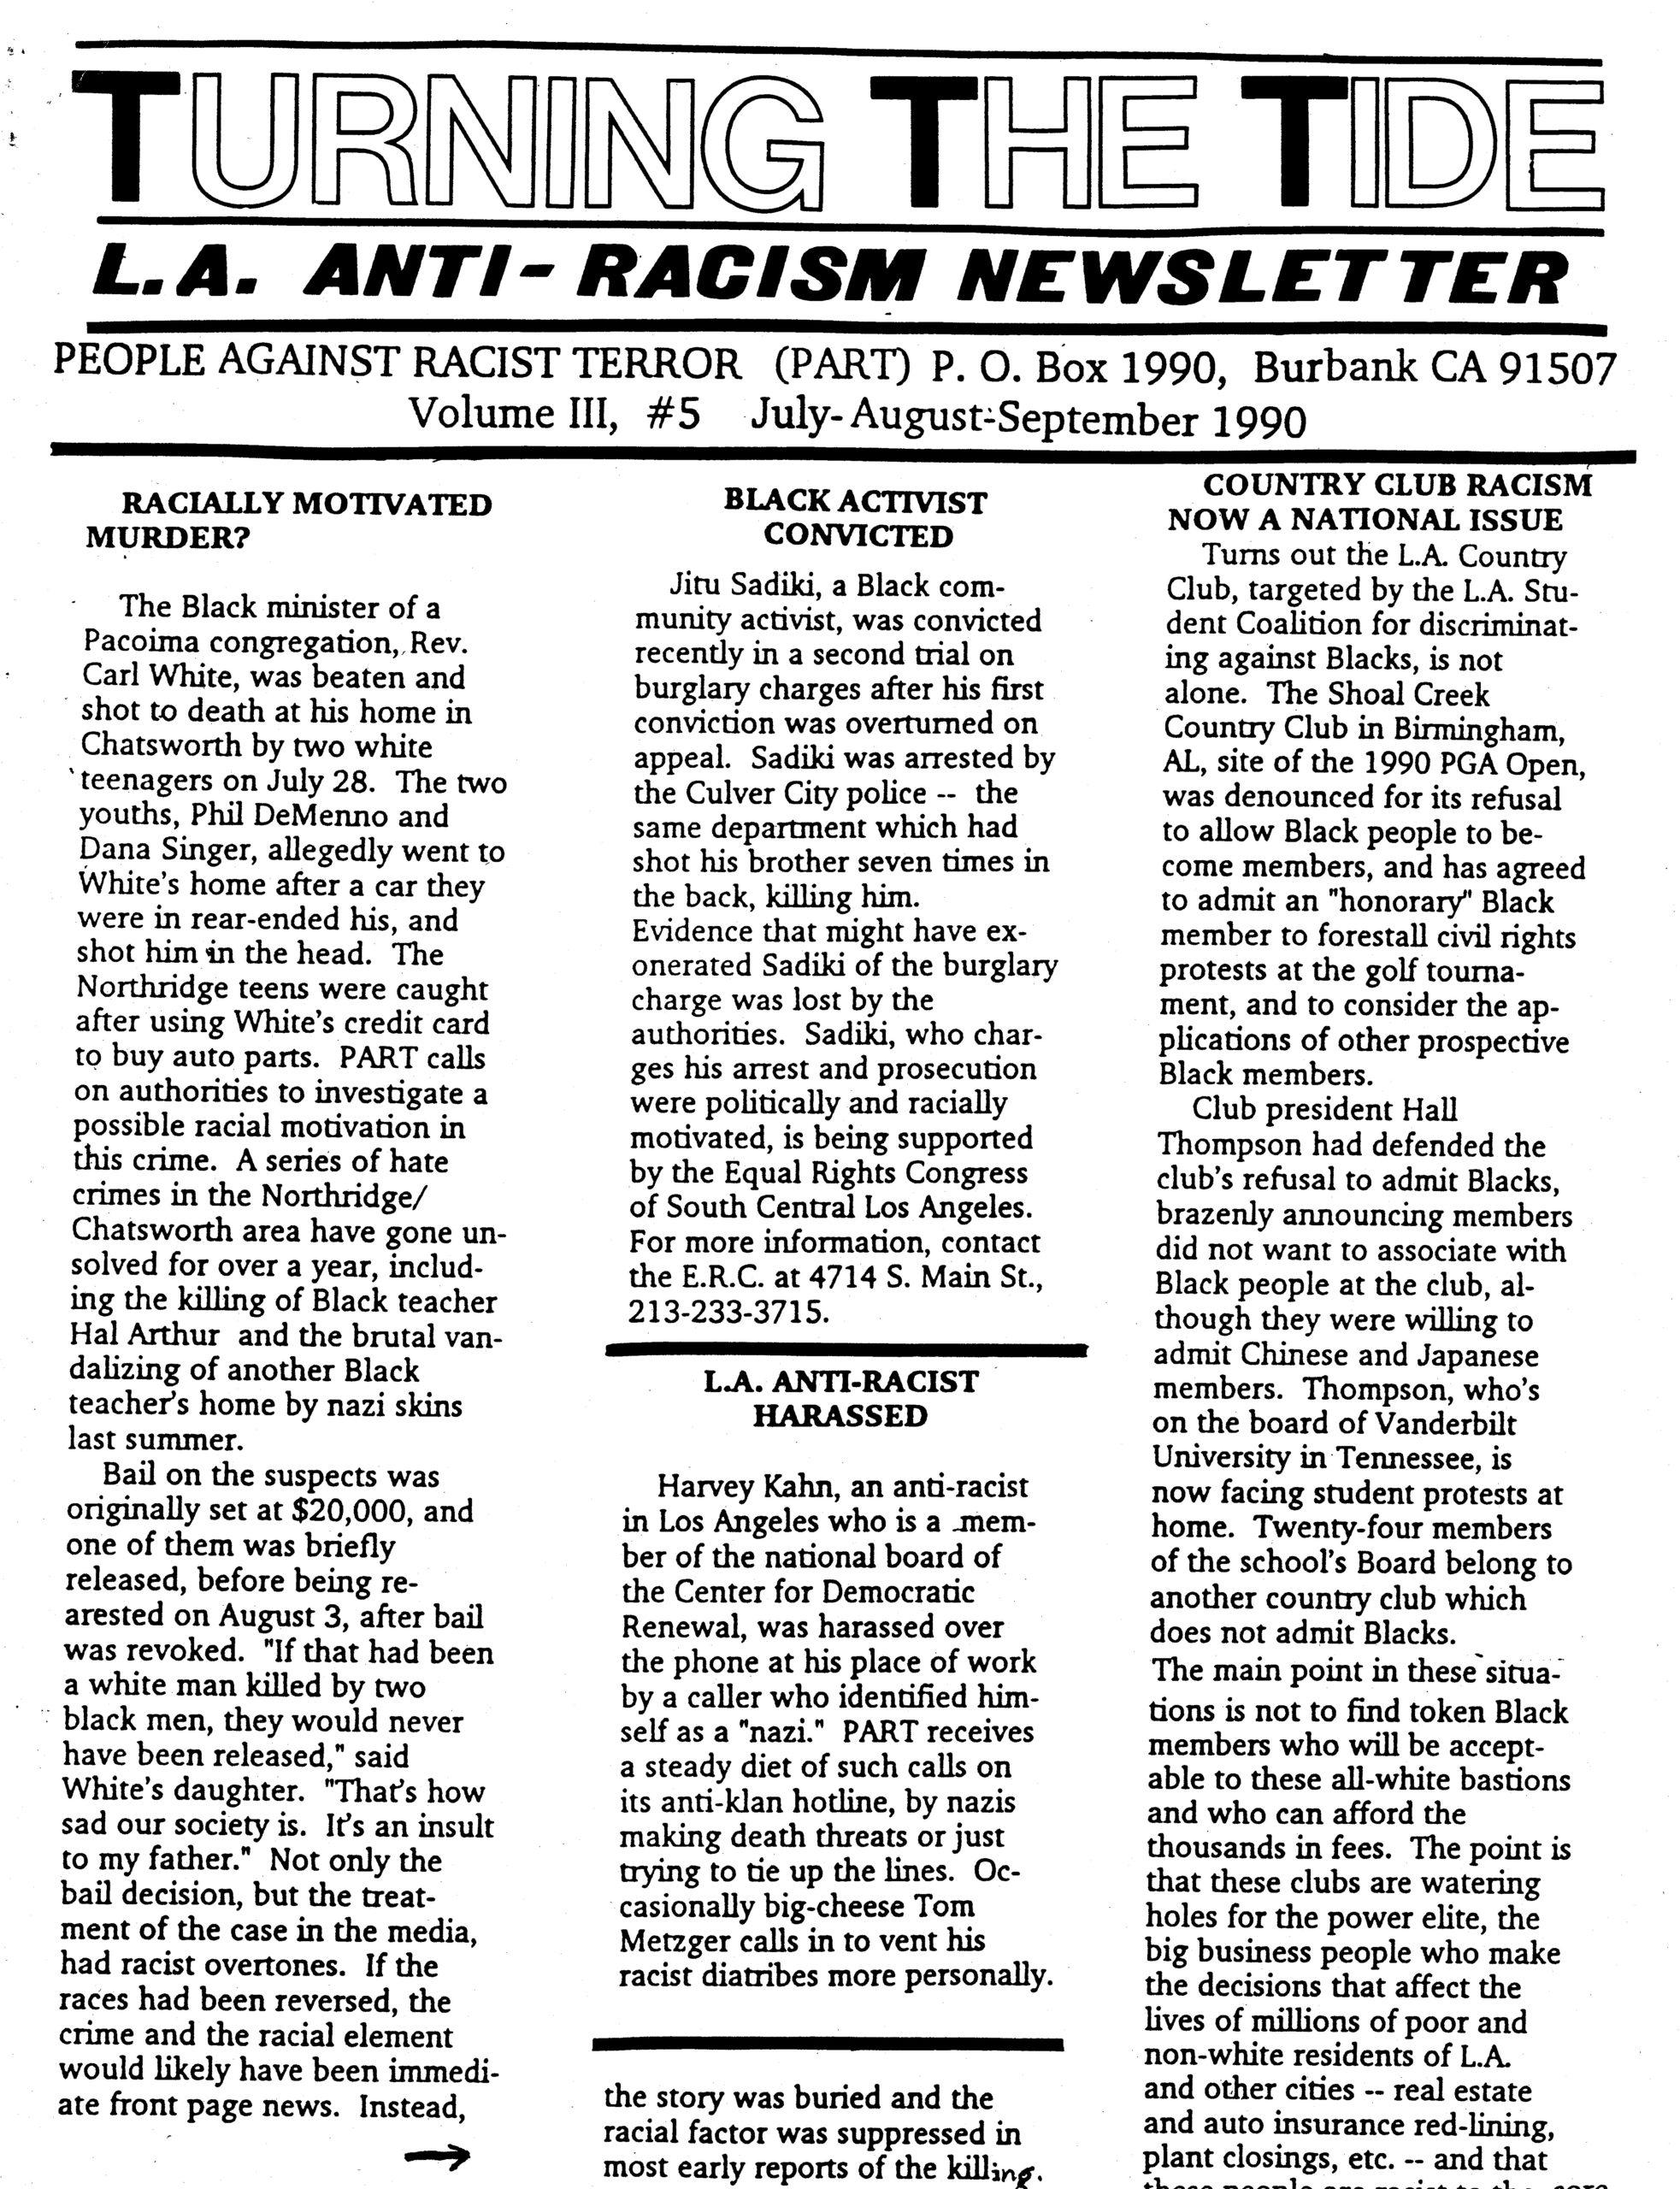 TTT Vol. 3 #5, July-August-Sept. 1990